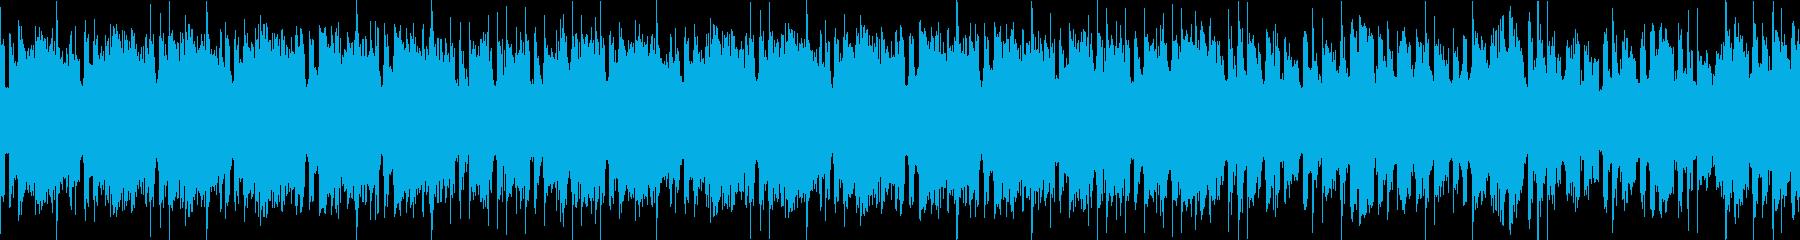 物悲しい民族調 FF風 ループの再生済みの波形